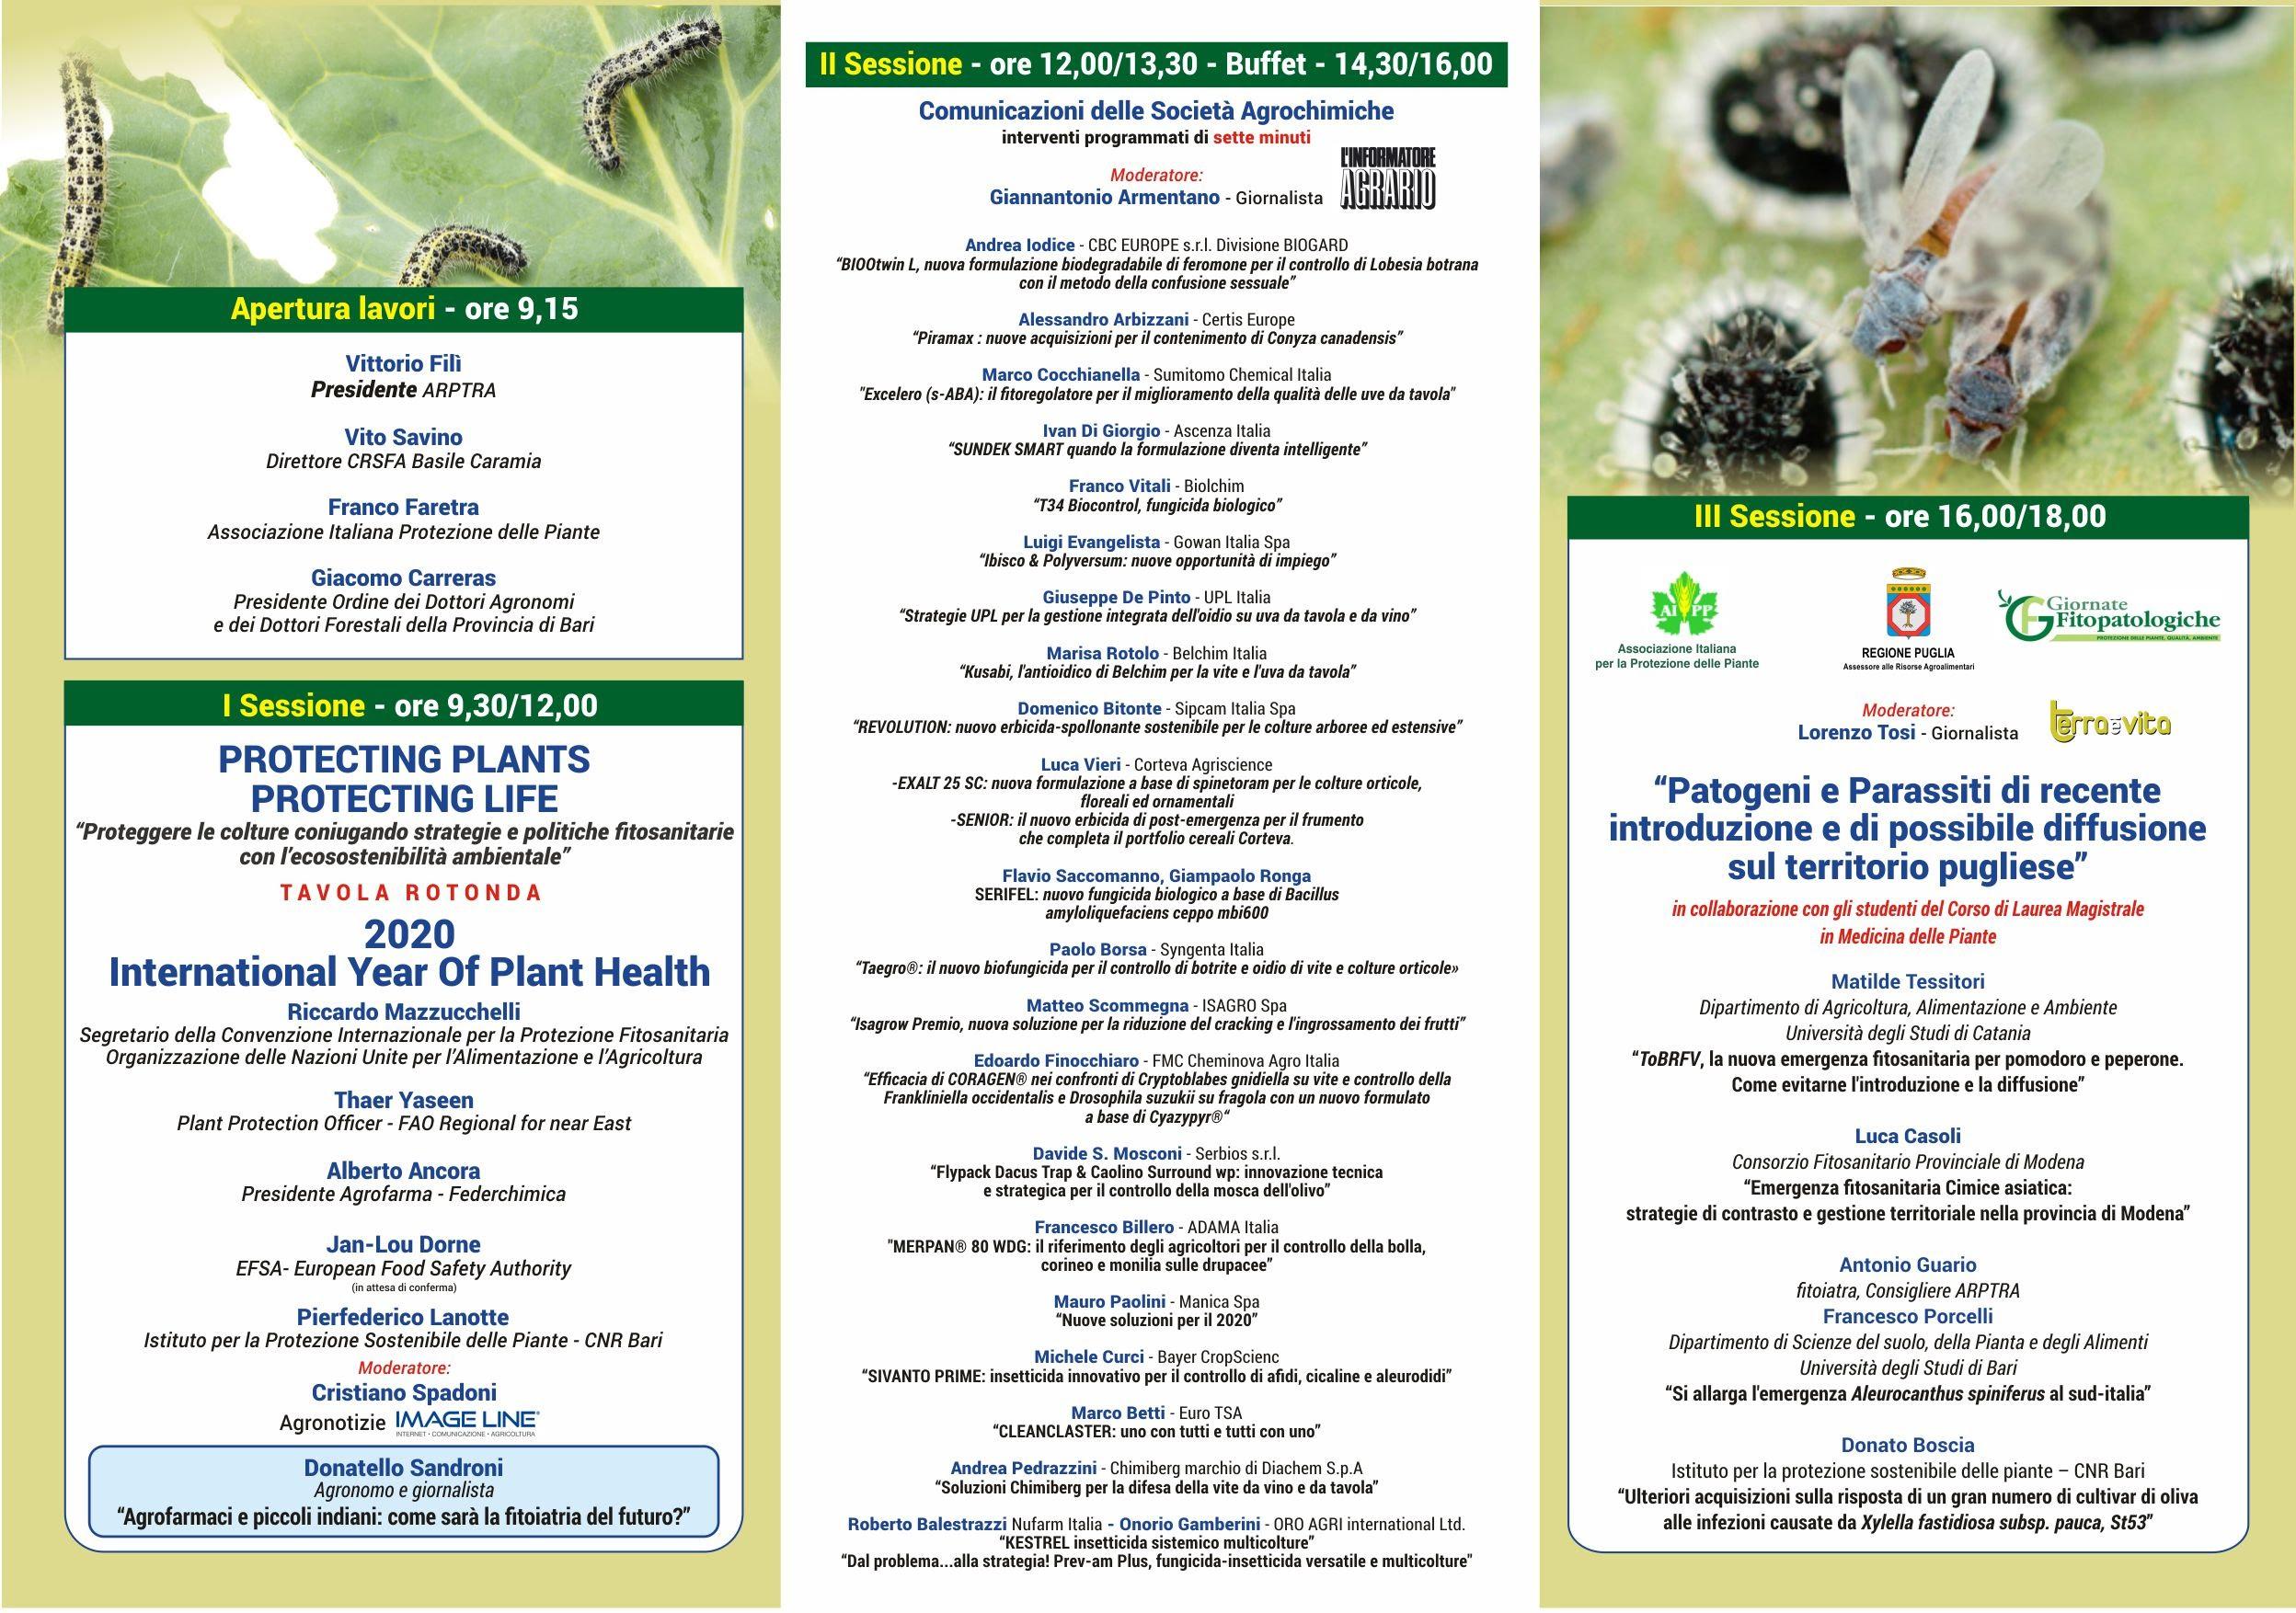 31° Forum di medicina vegetale_Bari 11 dicembre pv - La partecipazione all'evento prevede l'attribuzione di 0.781 CFP di tipo caratterizzante